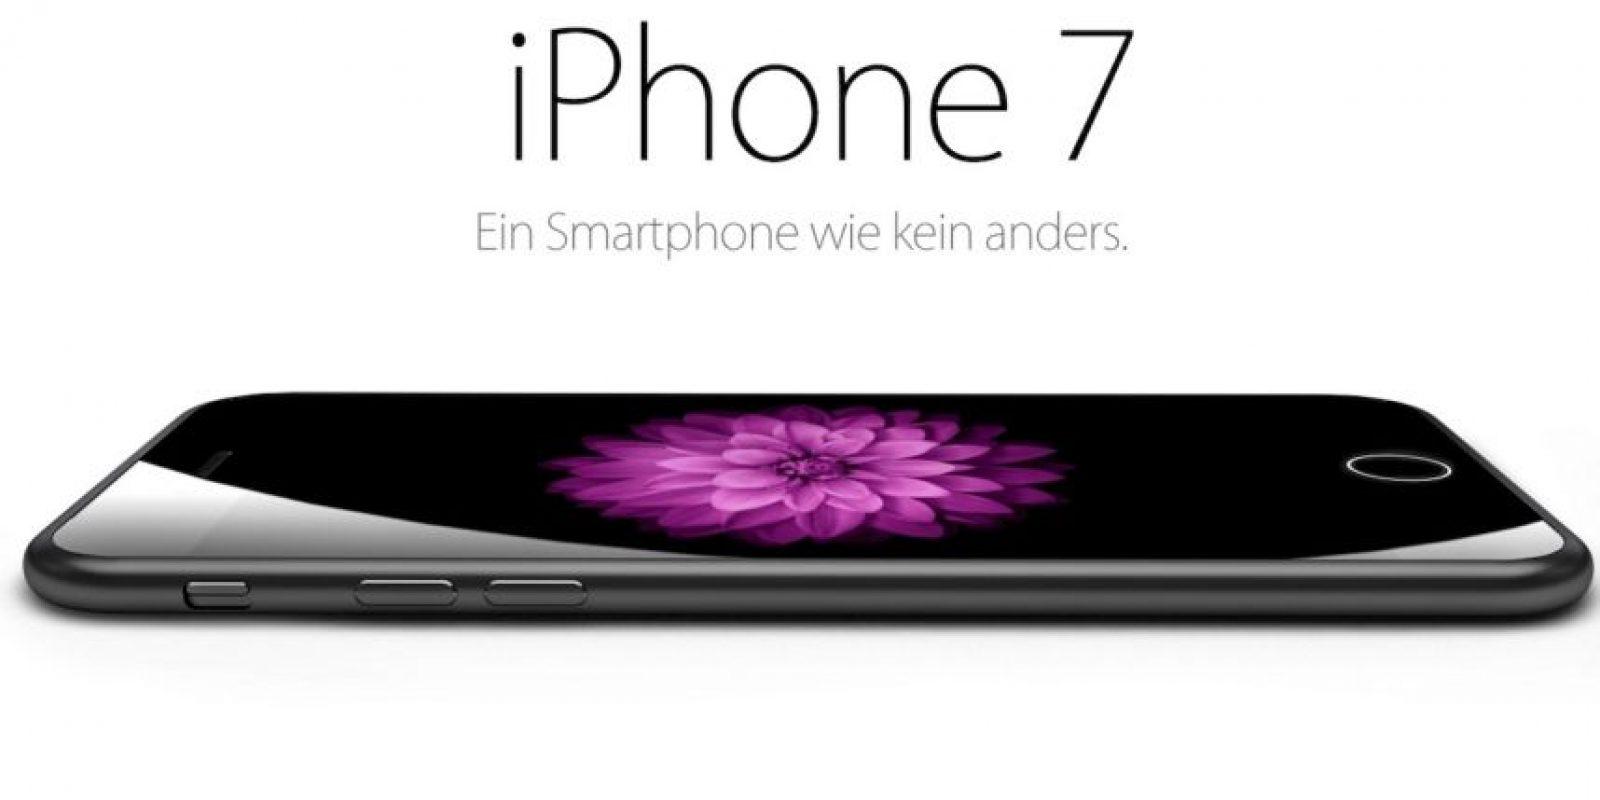 El objetivo es que el smartphone sea más delgado. Foto:vía handy-abovergleich.ch